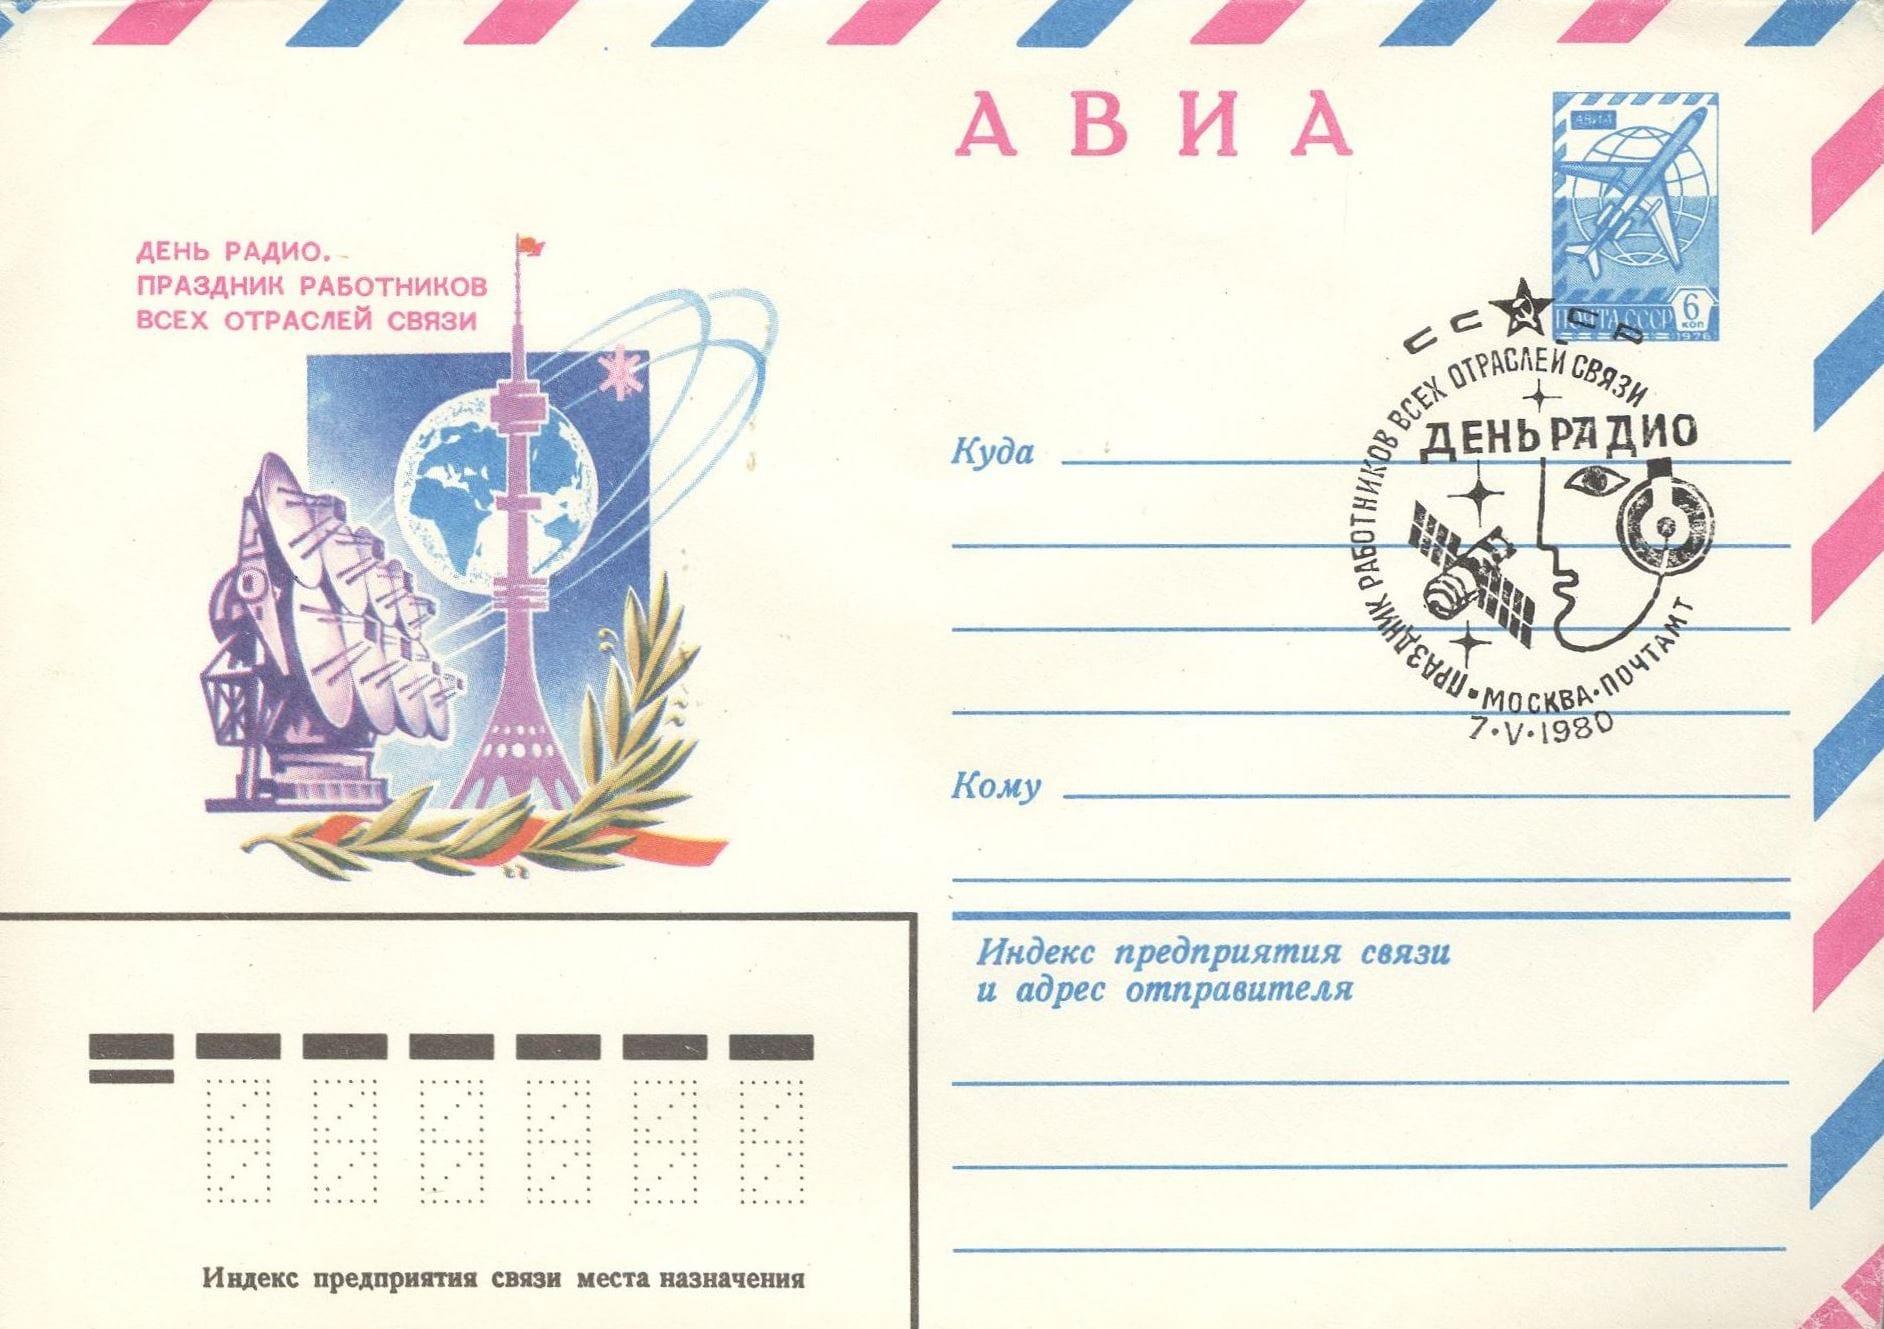 Почтовый конверт «День радио. Праздник работников всех отраслей связи 7 V 1980», 1980 г.